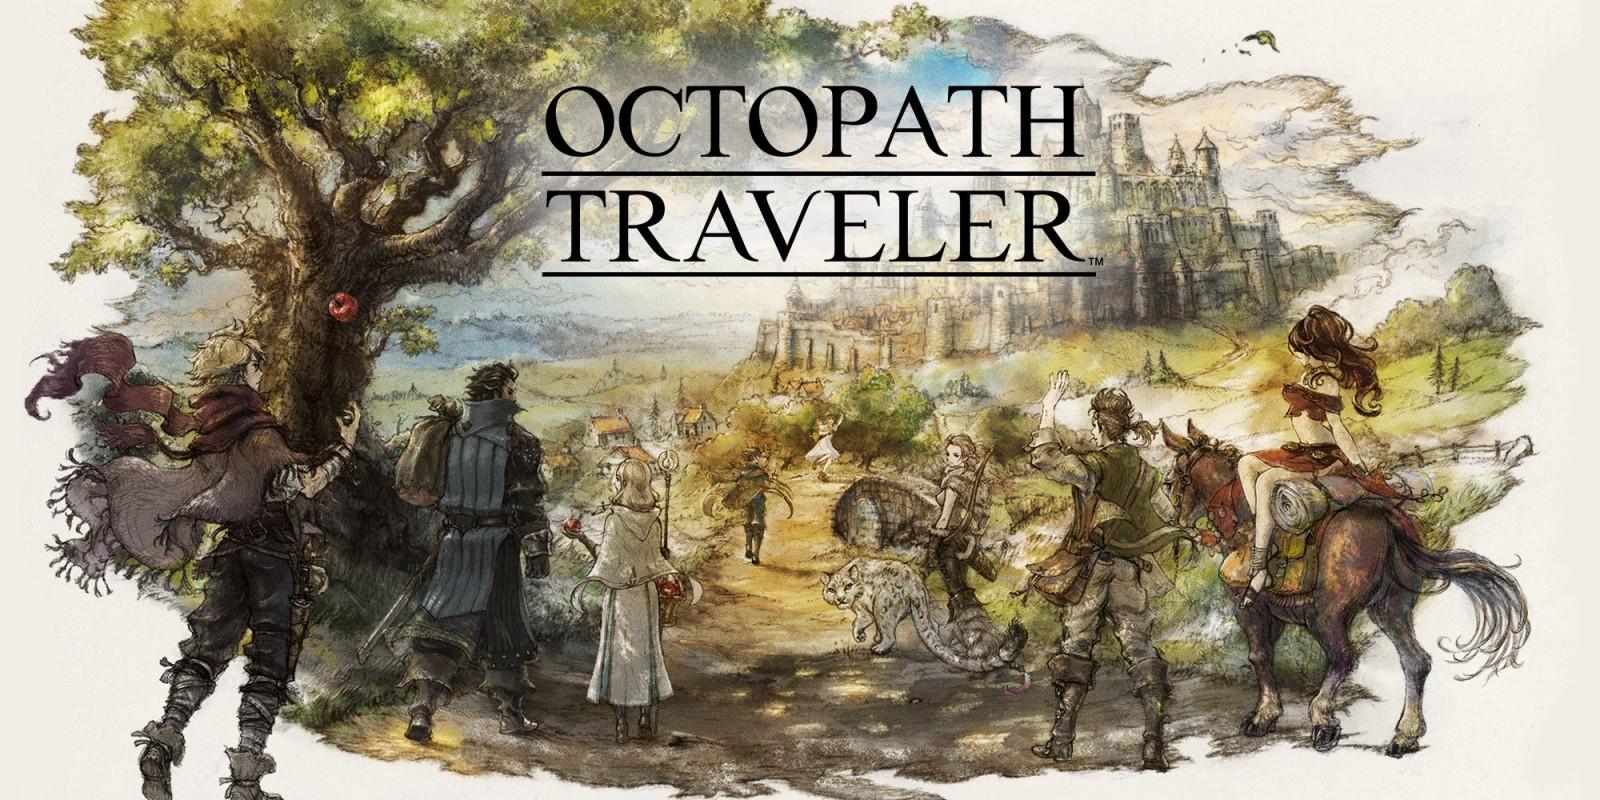 Demo de Octopath Traveler para Switch já conta com mais de 1.3 milhões de Downloads